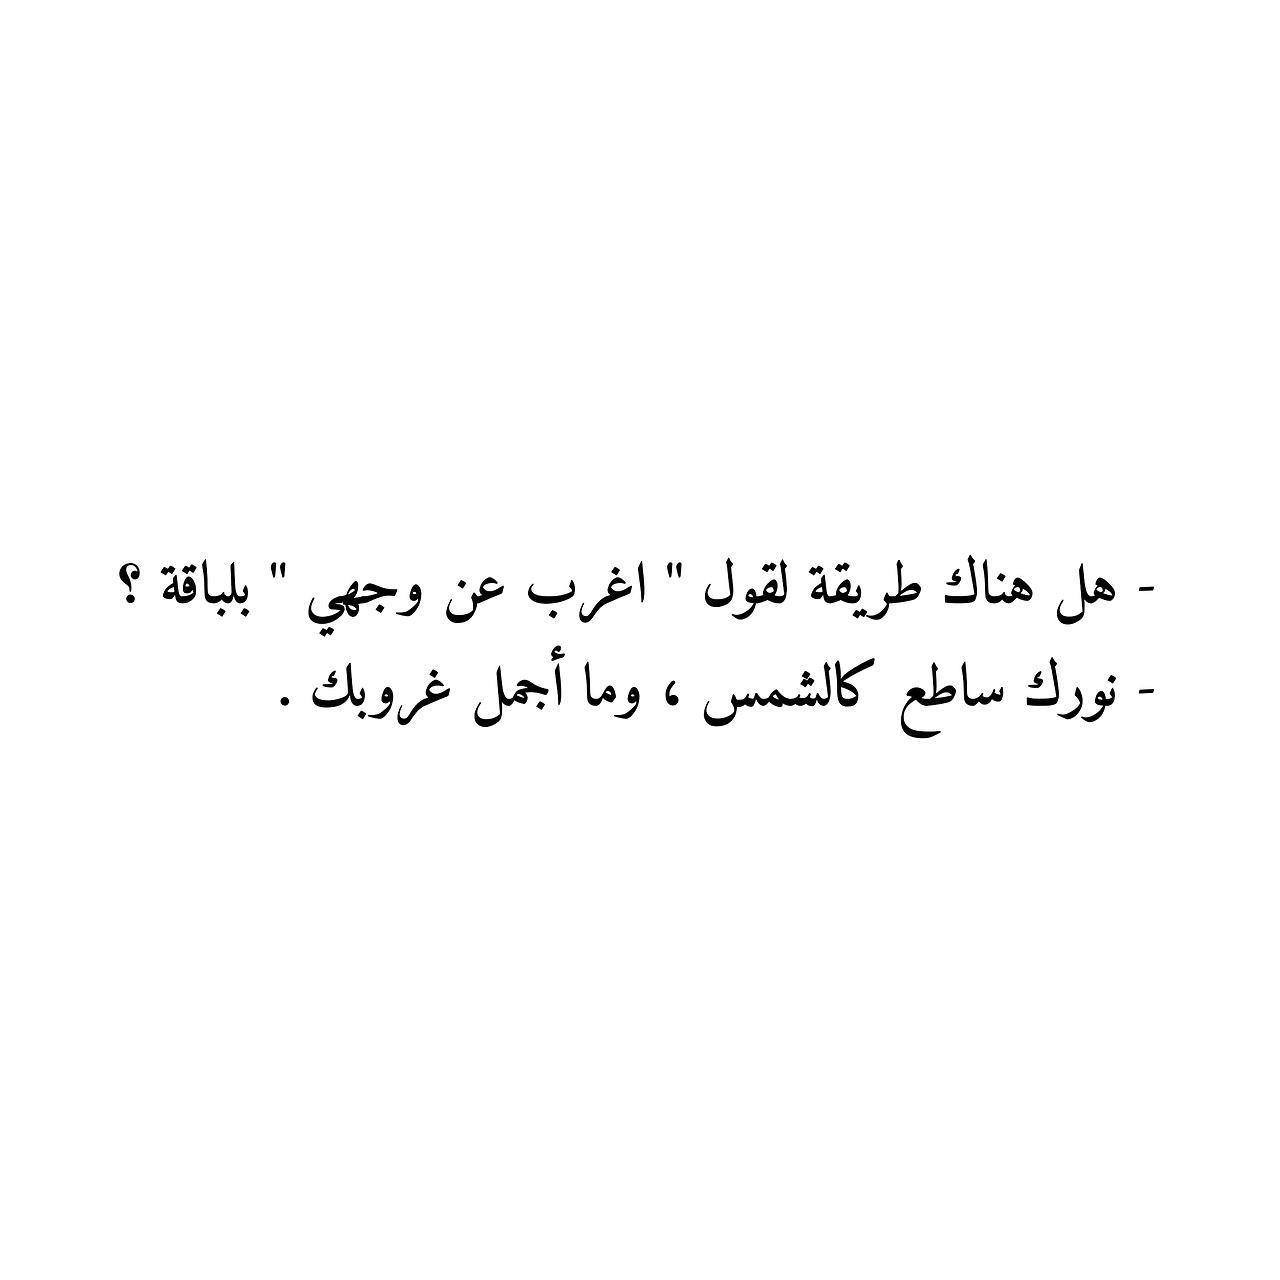 نورك ساطع كالشمس ما اجمل غروبك عبارات اقتباسات Follow Me Please Words Quotes Arabic Quotes With Translation Talking Quotes